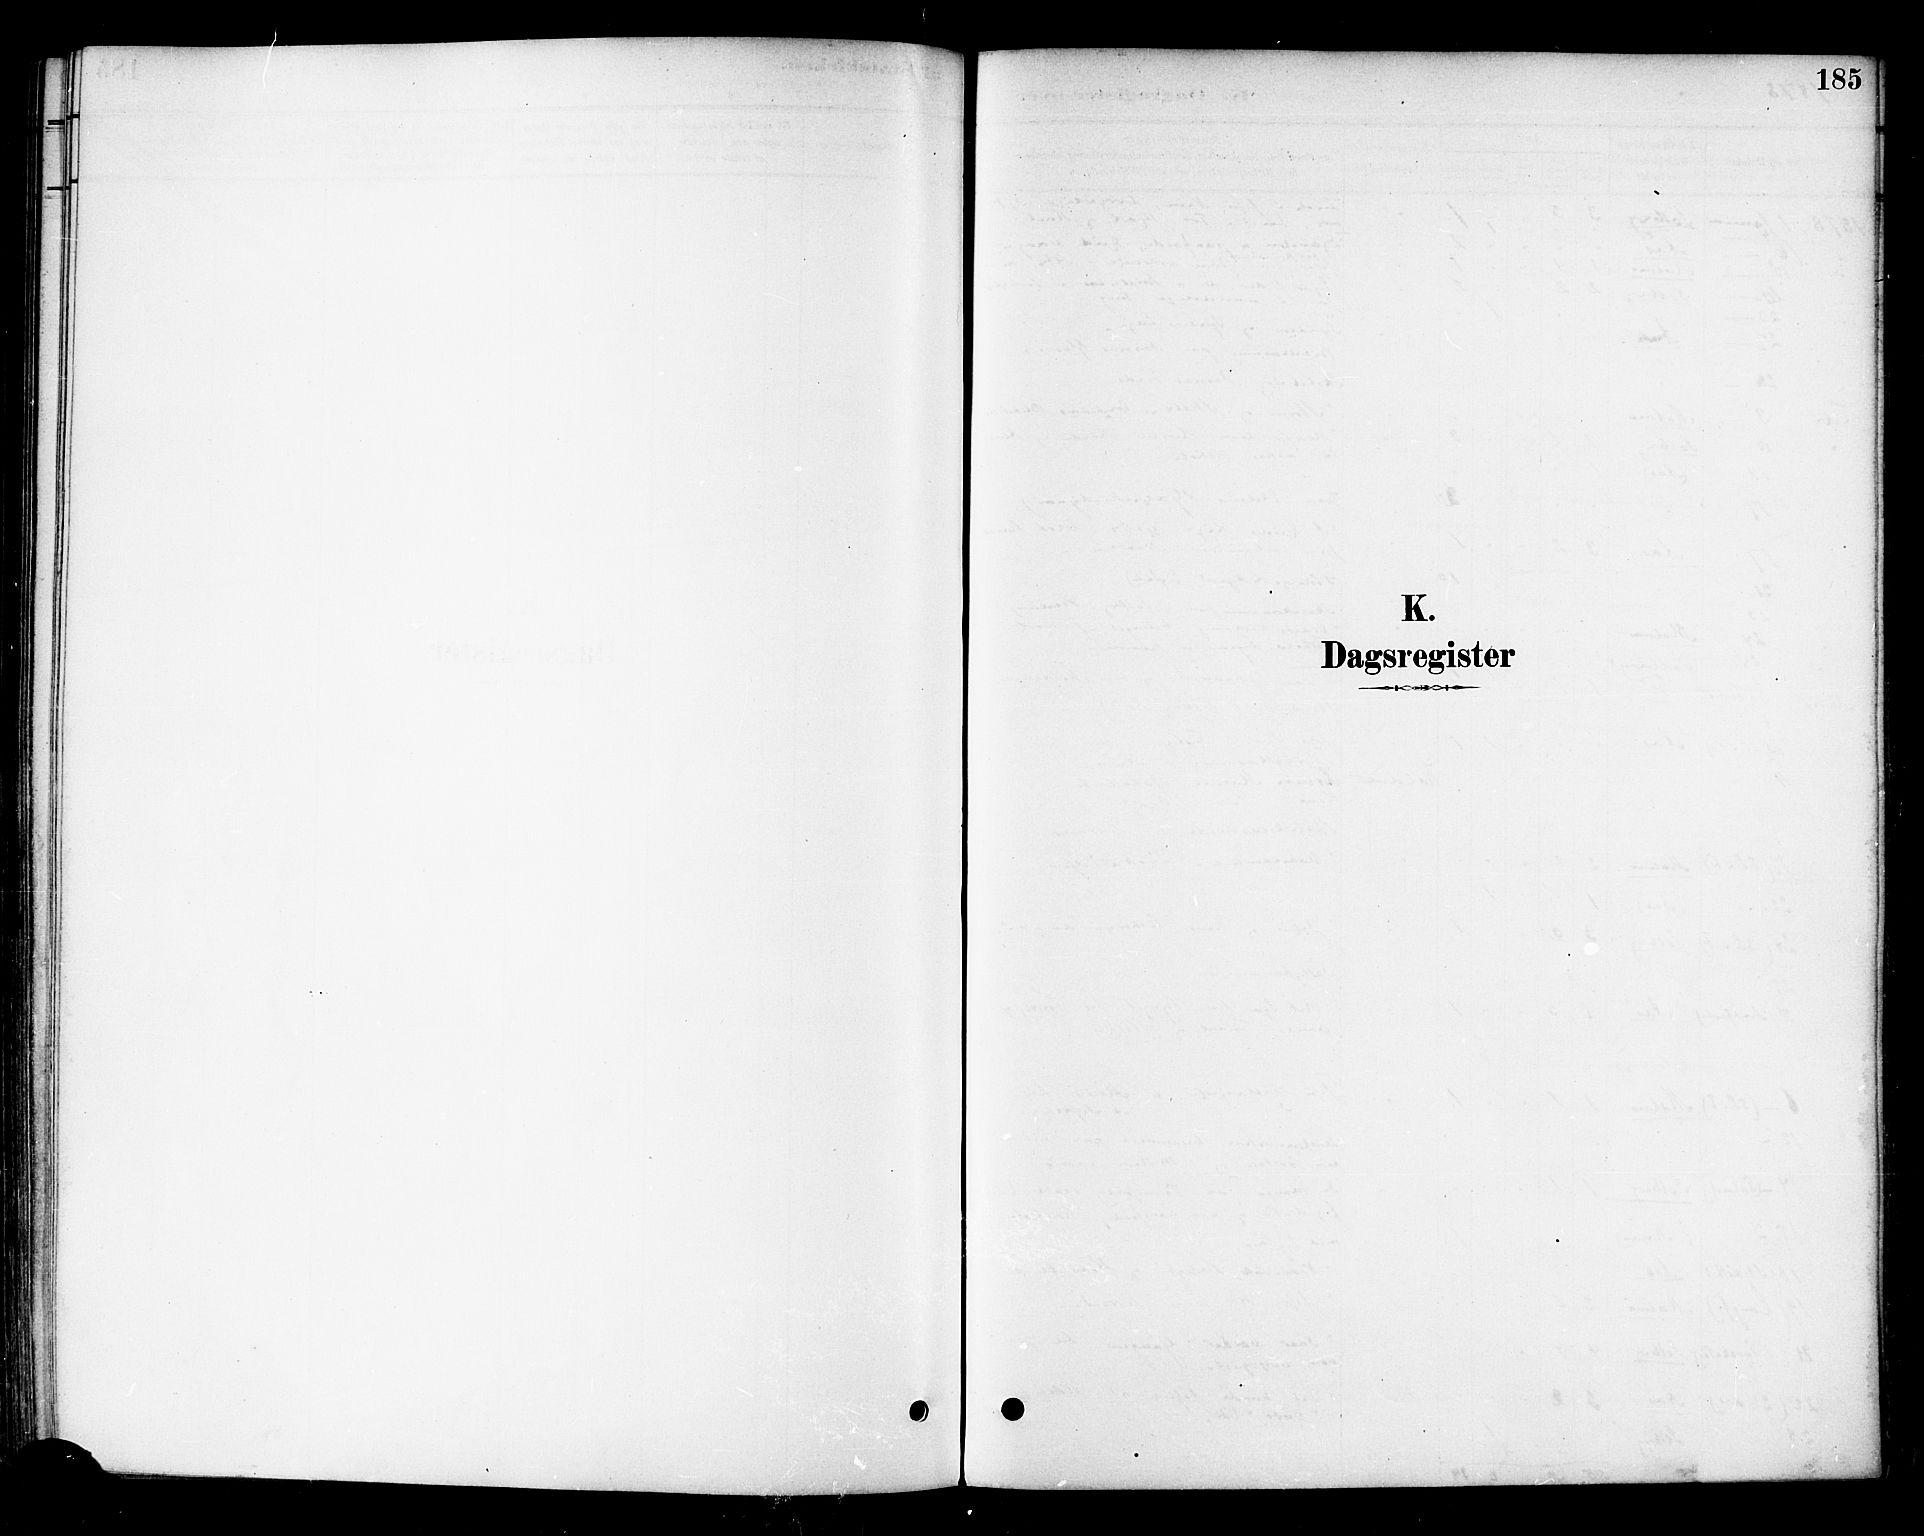 SAT, Ministerialprotokoller, klokkerbøker og fødselsregistre - Nord-Trøndelag, 741/L0395: Ministerialbok nr. 741A09, 1878-1888, s. 185